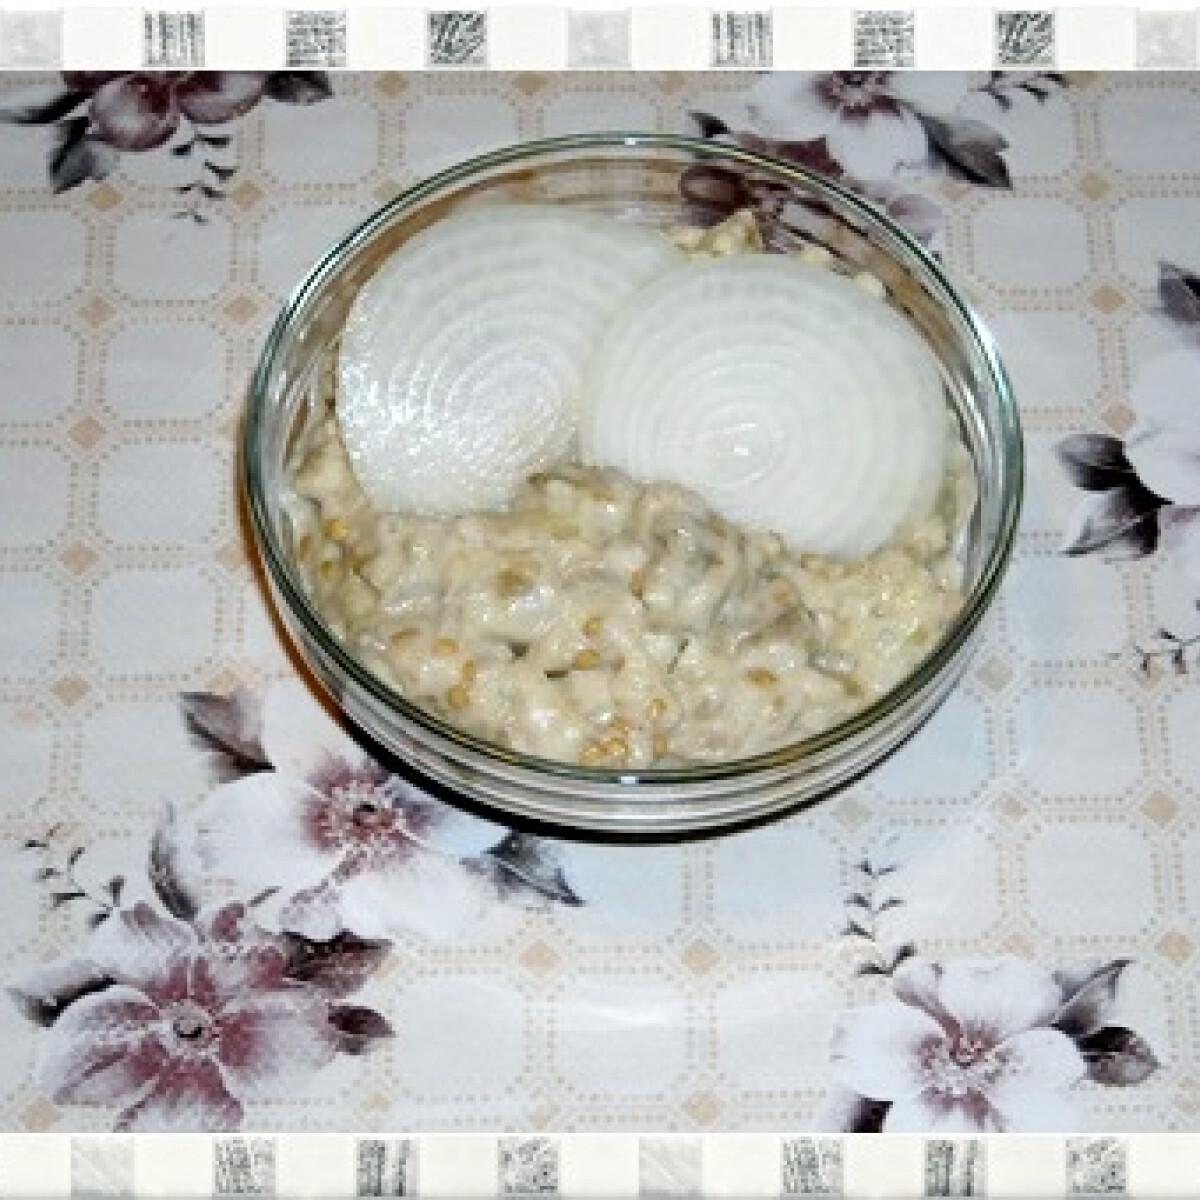 Padlizsánkrém Nikóka konyhájából